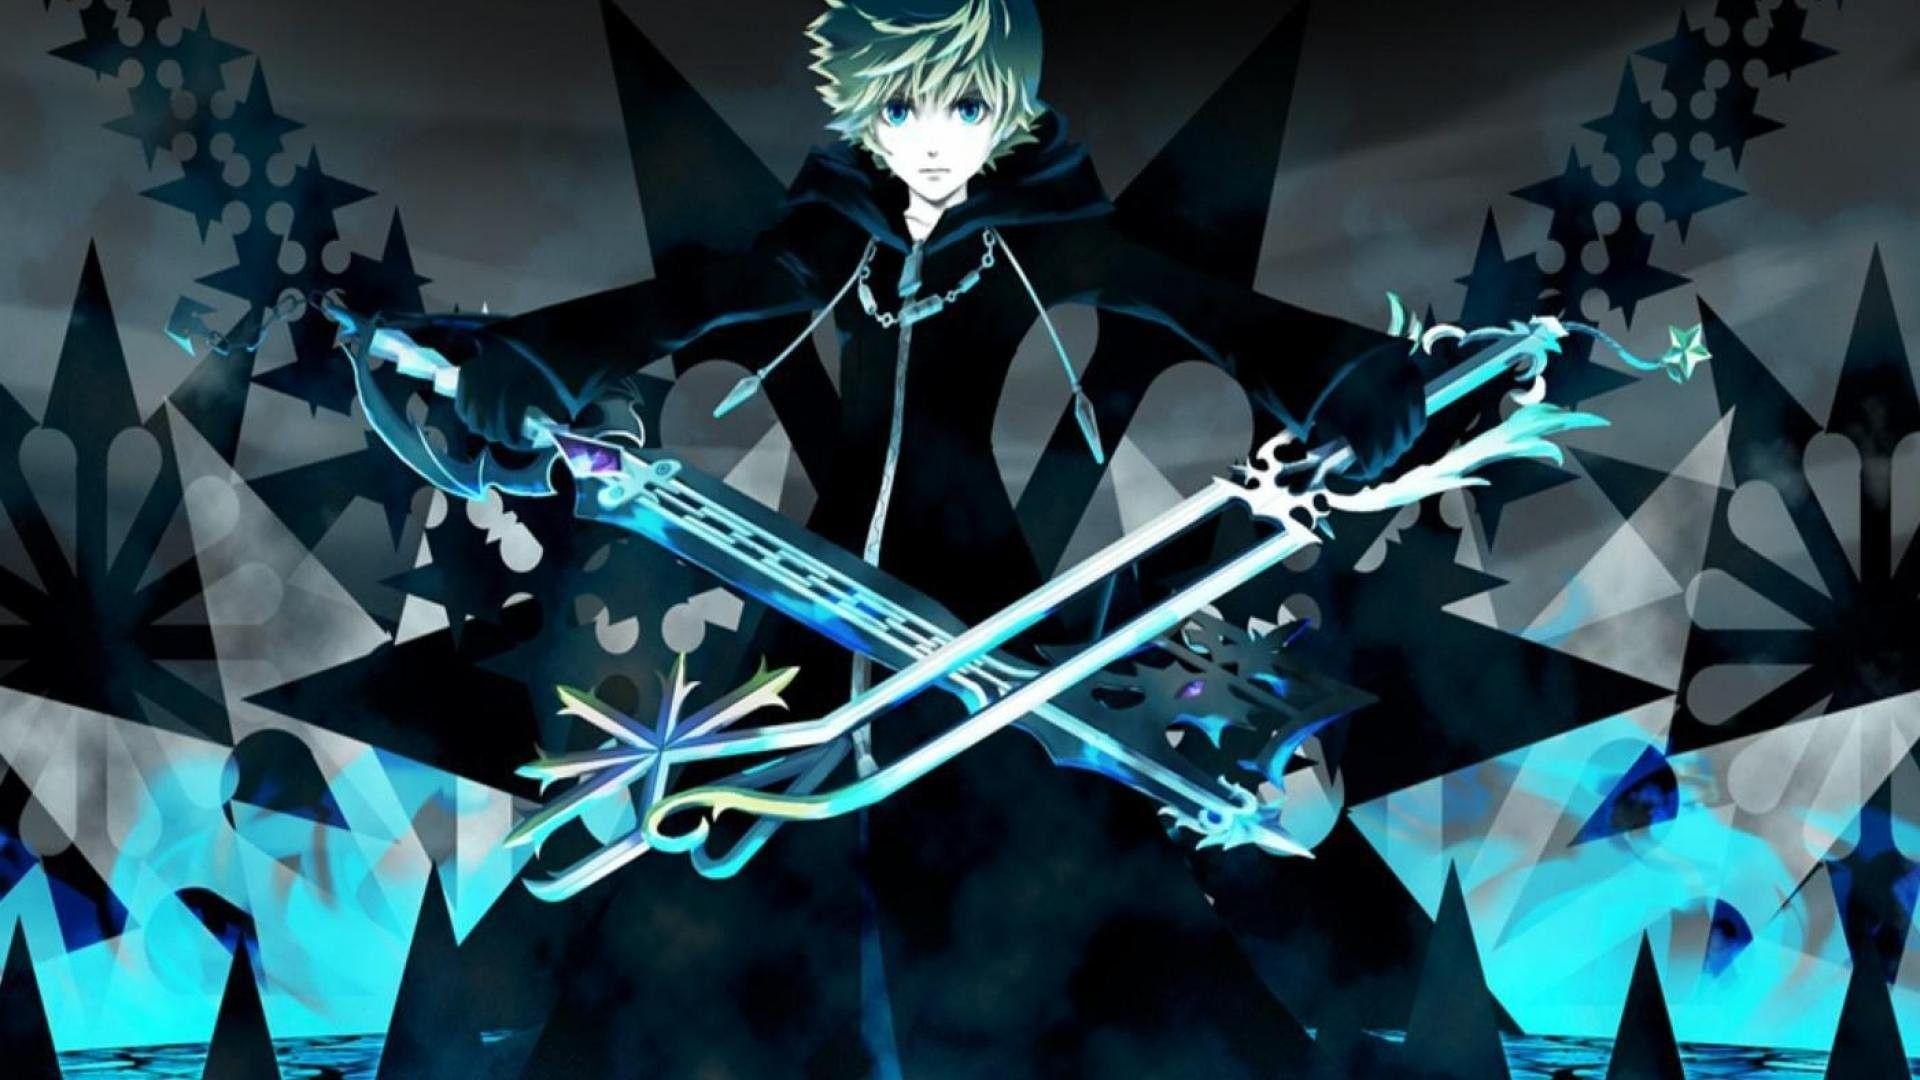 Kingdom Hearts Roxas Wallpaper High Resolution kingdom